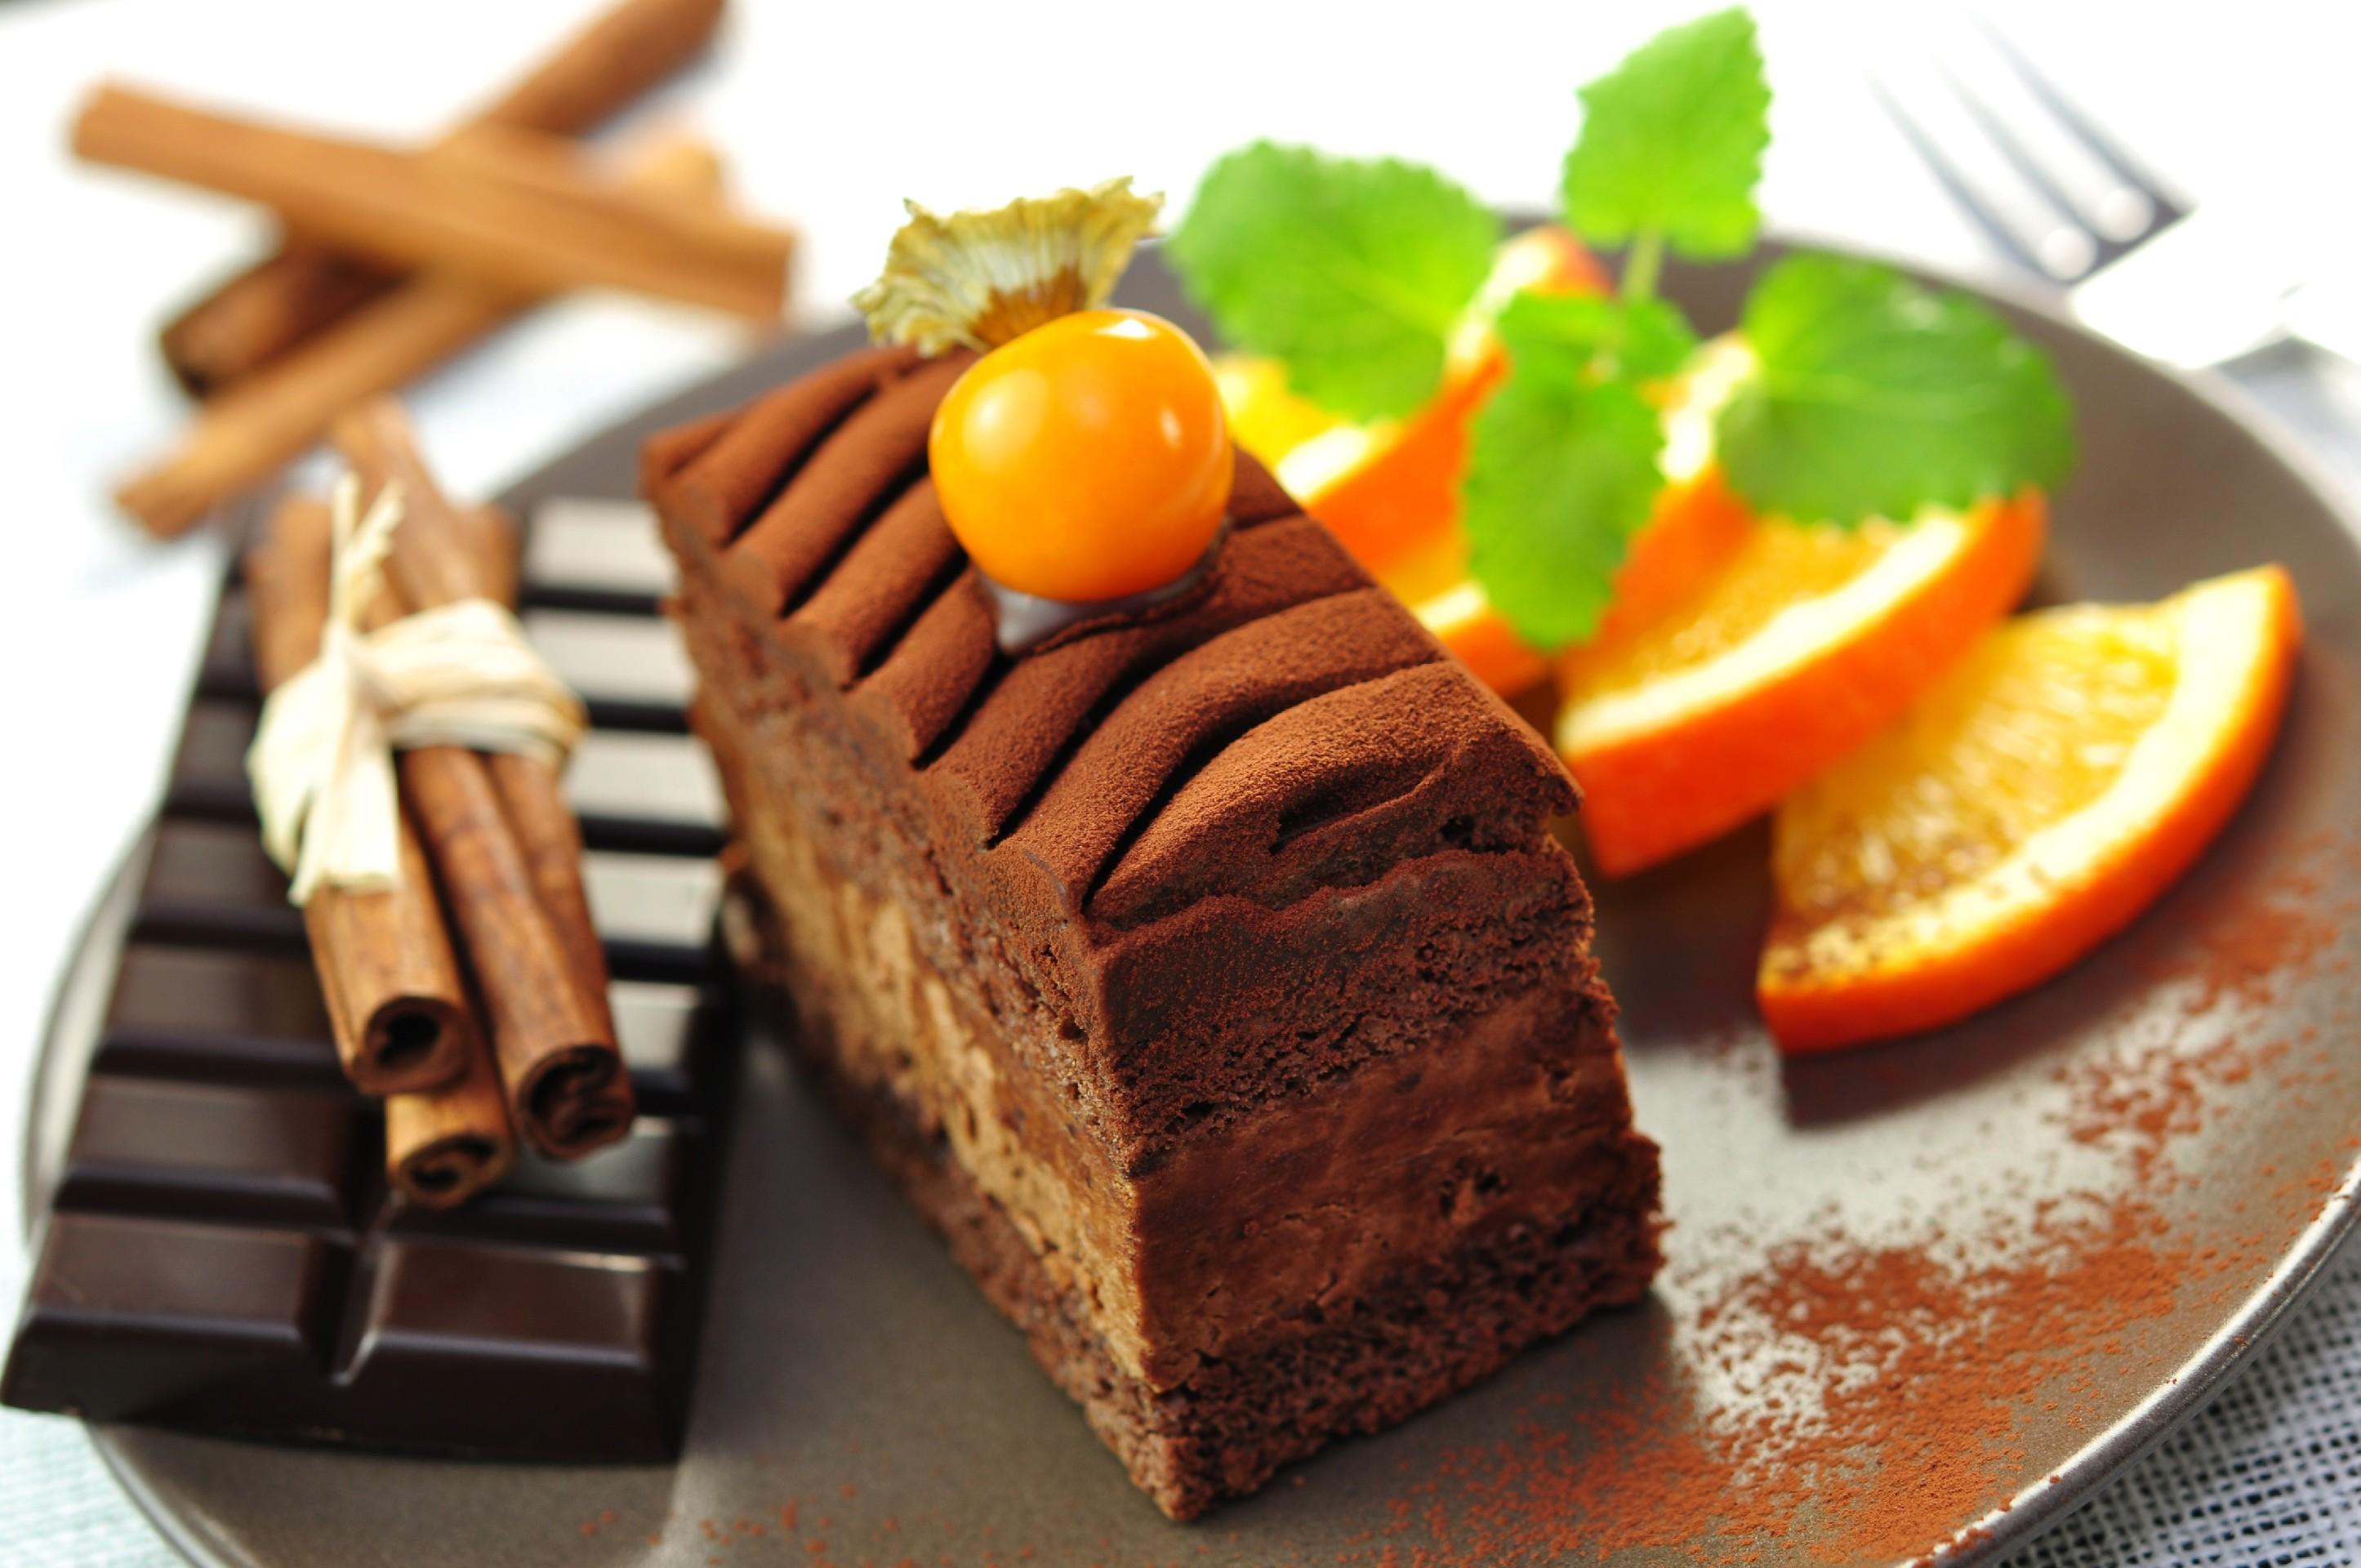 еда торт пирожное food cake загрузить